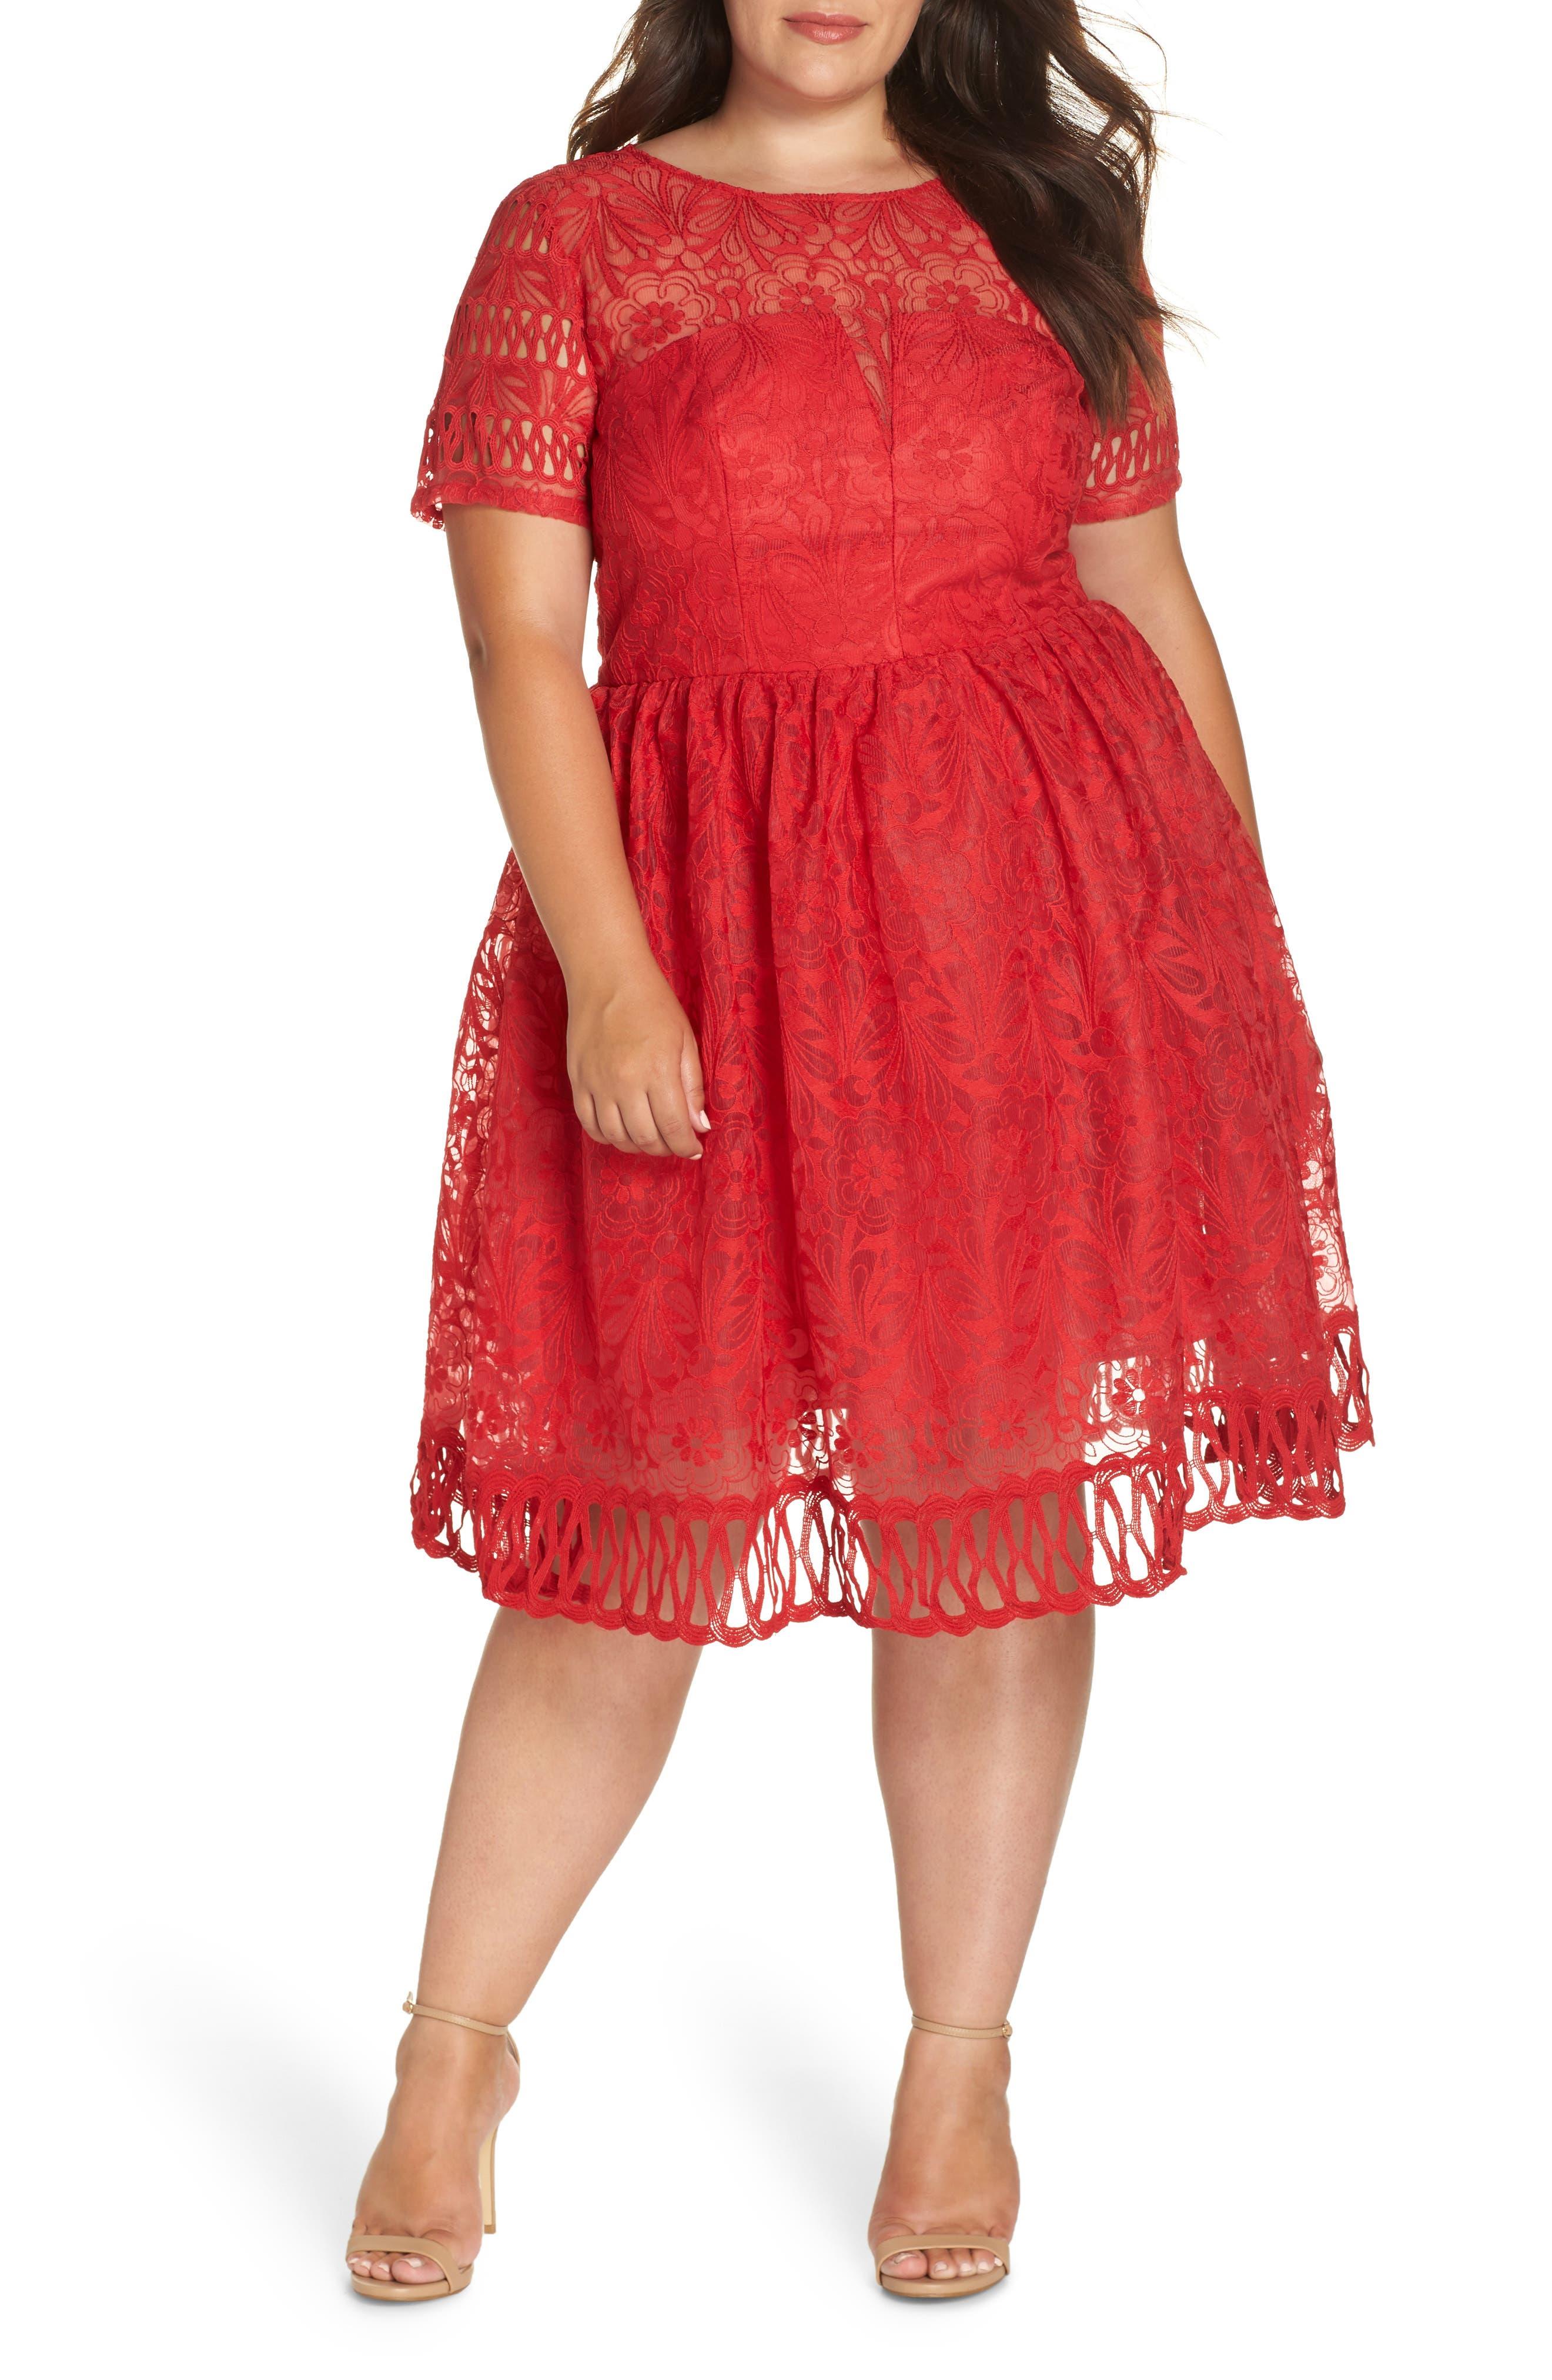 1950s Plus Size Dresses, Swing Dresses Plus Size Womens Chi Chi London Crochet Dress $120.00 AT vintagedancer.com